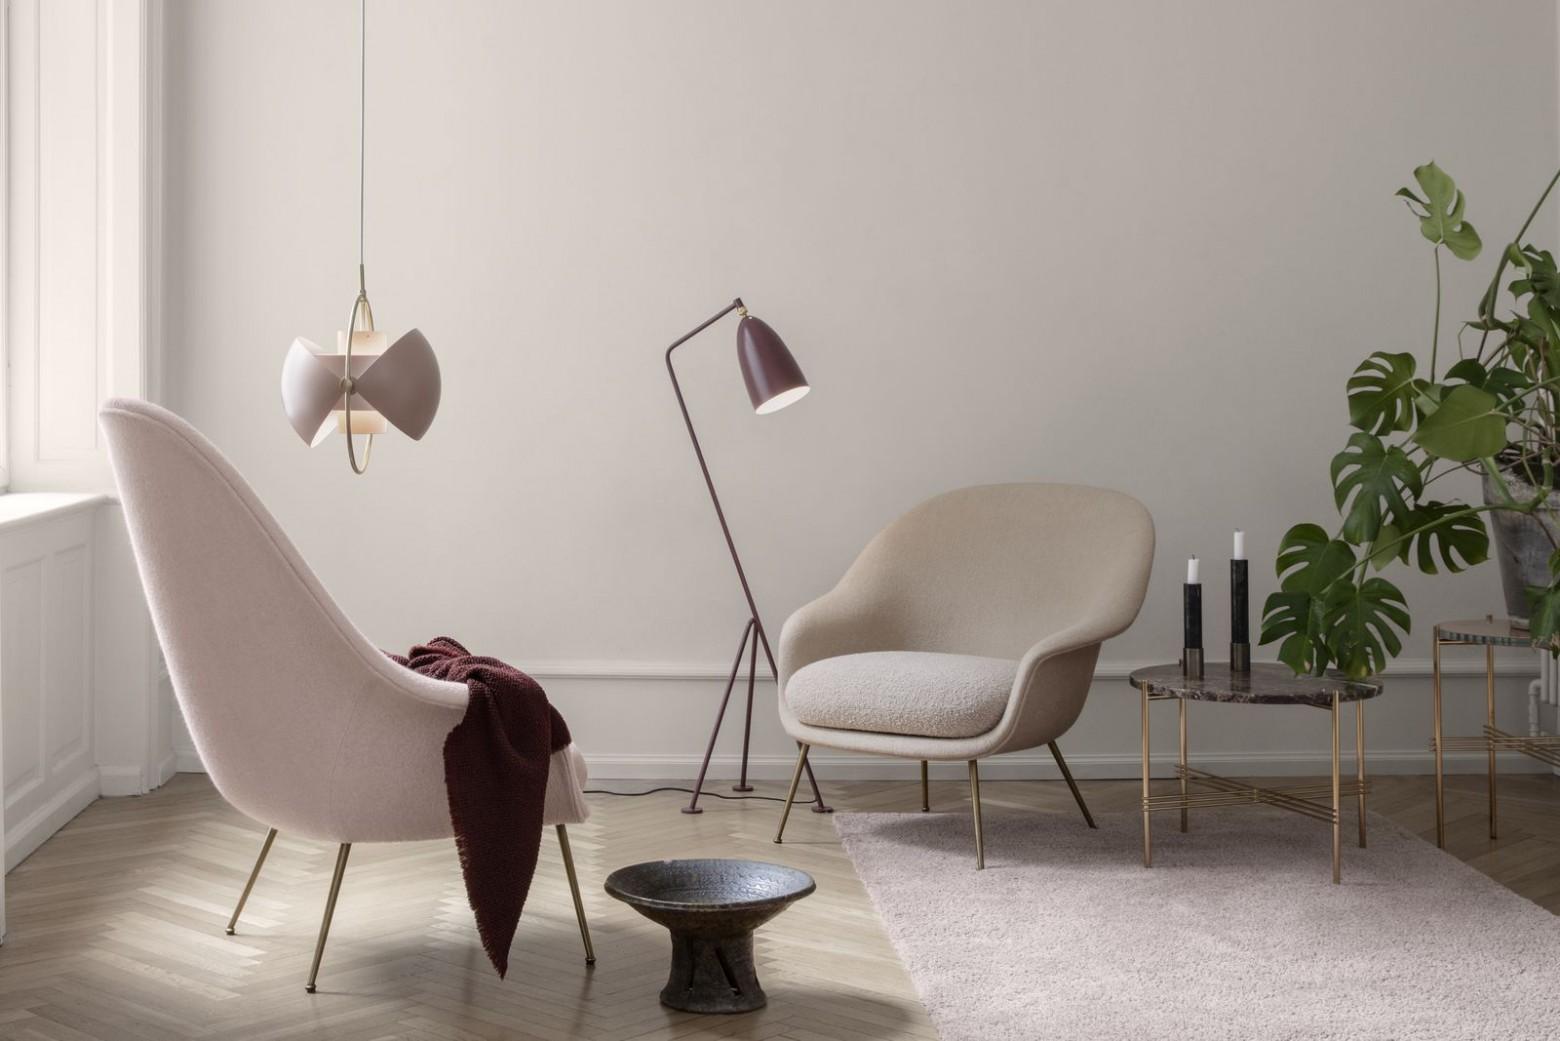 Bat Lounge met hoge rug en lage rug. GamFratesi design  Victors Design Agency